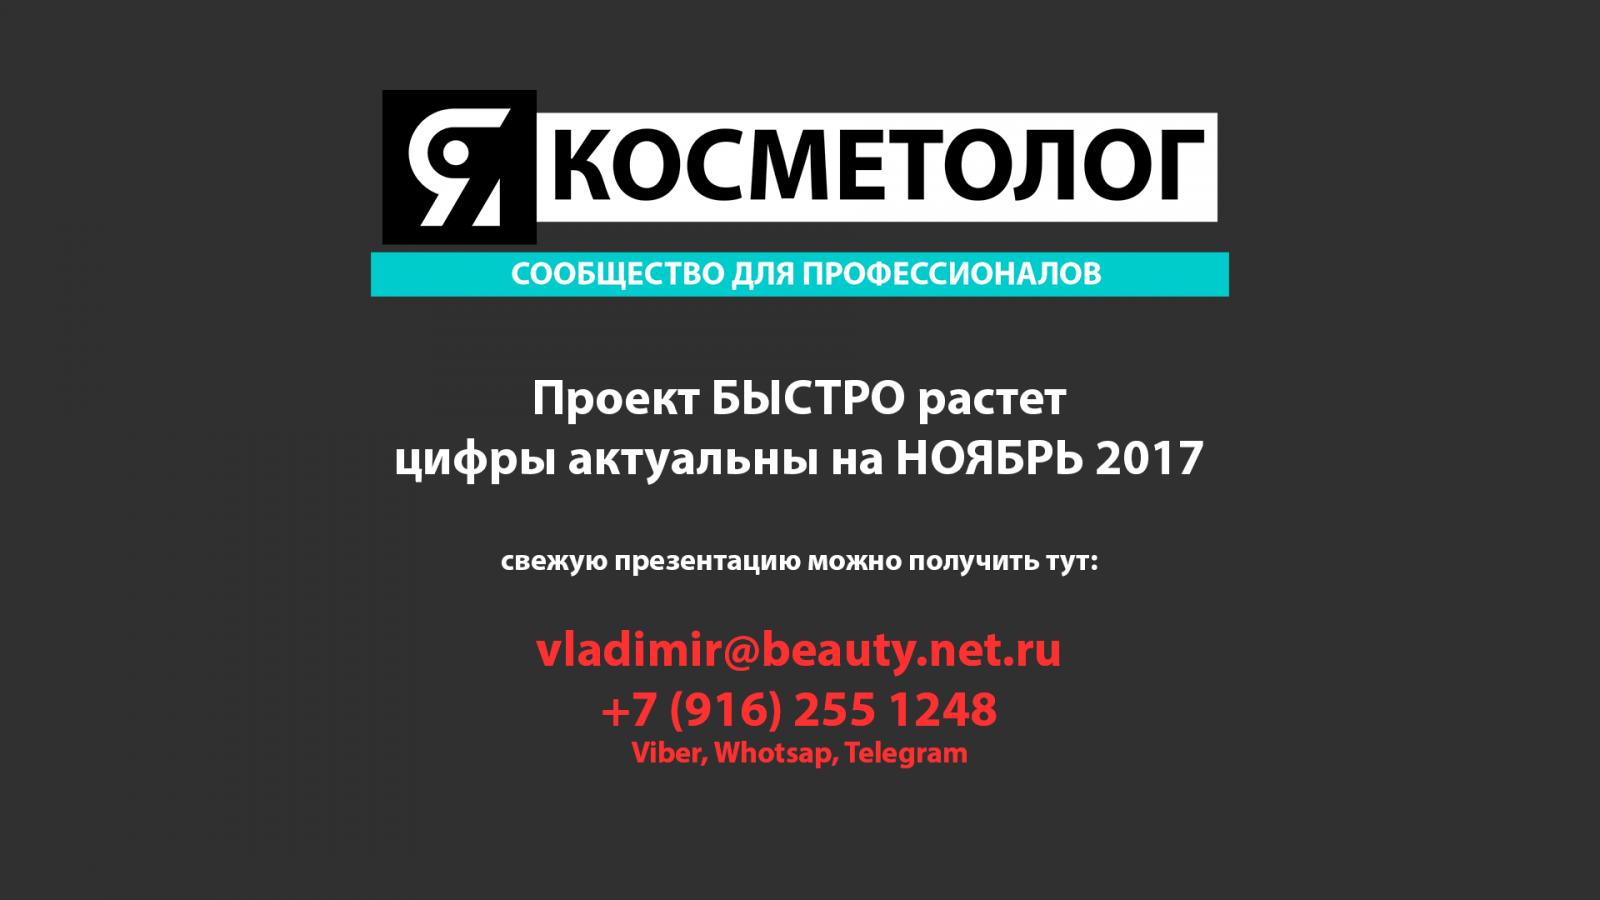 110 Презентация ЯКОСМЕТОЛОГ копия.png